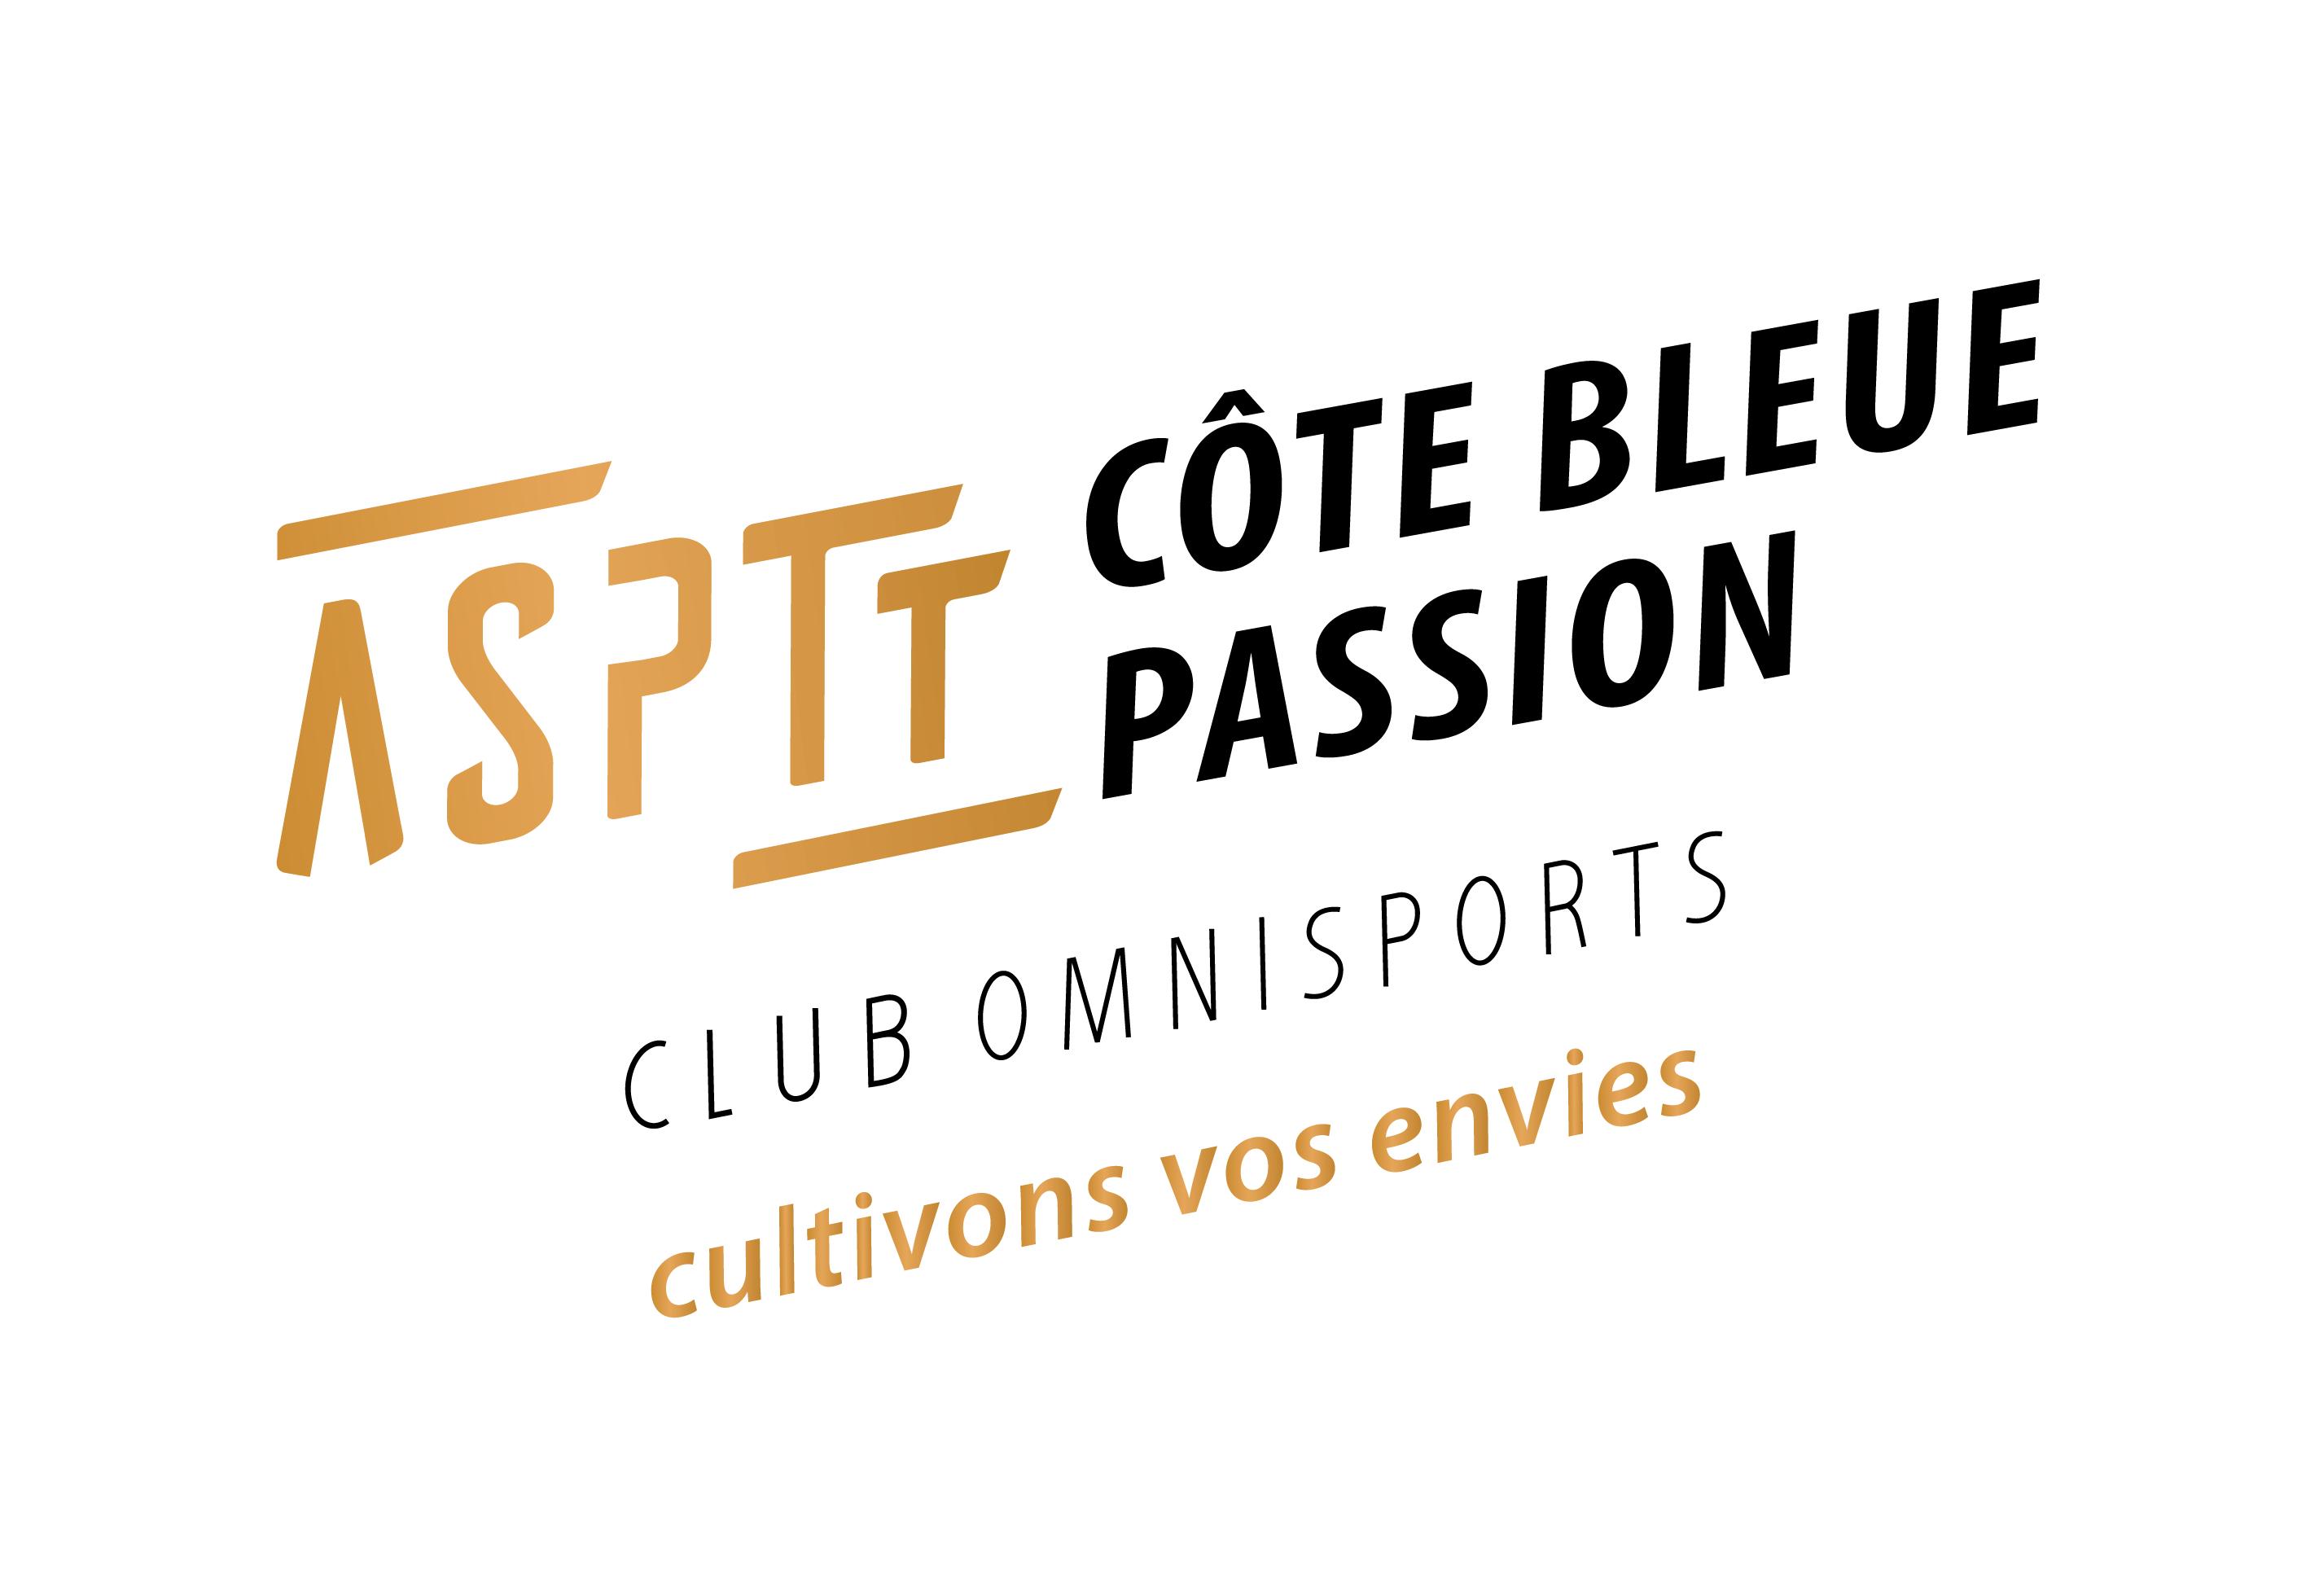 Côte bleue passion